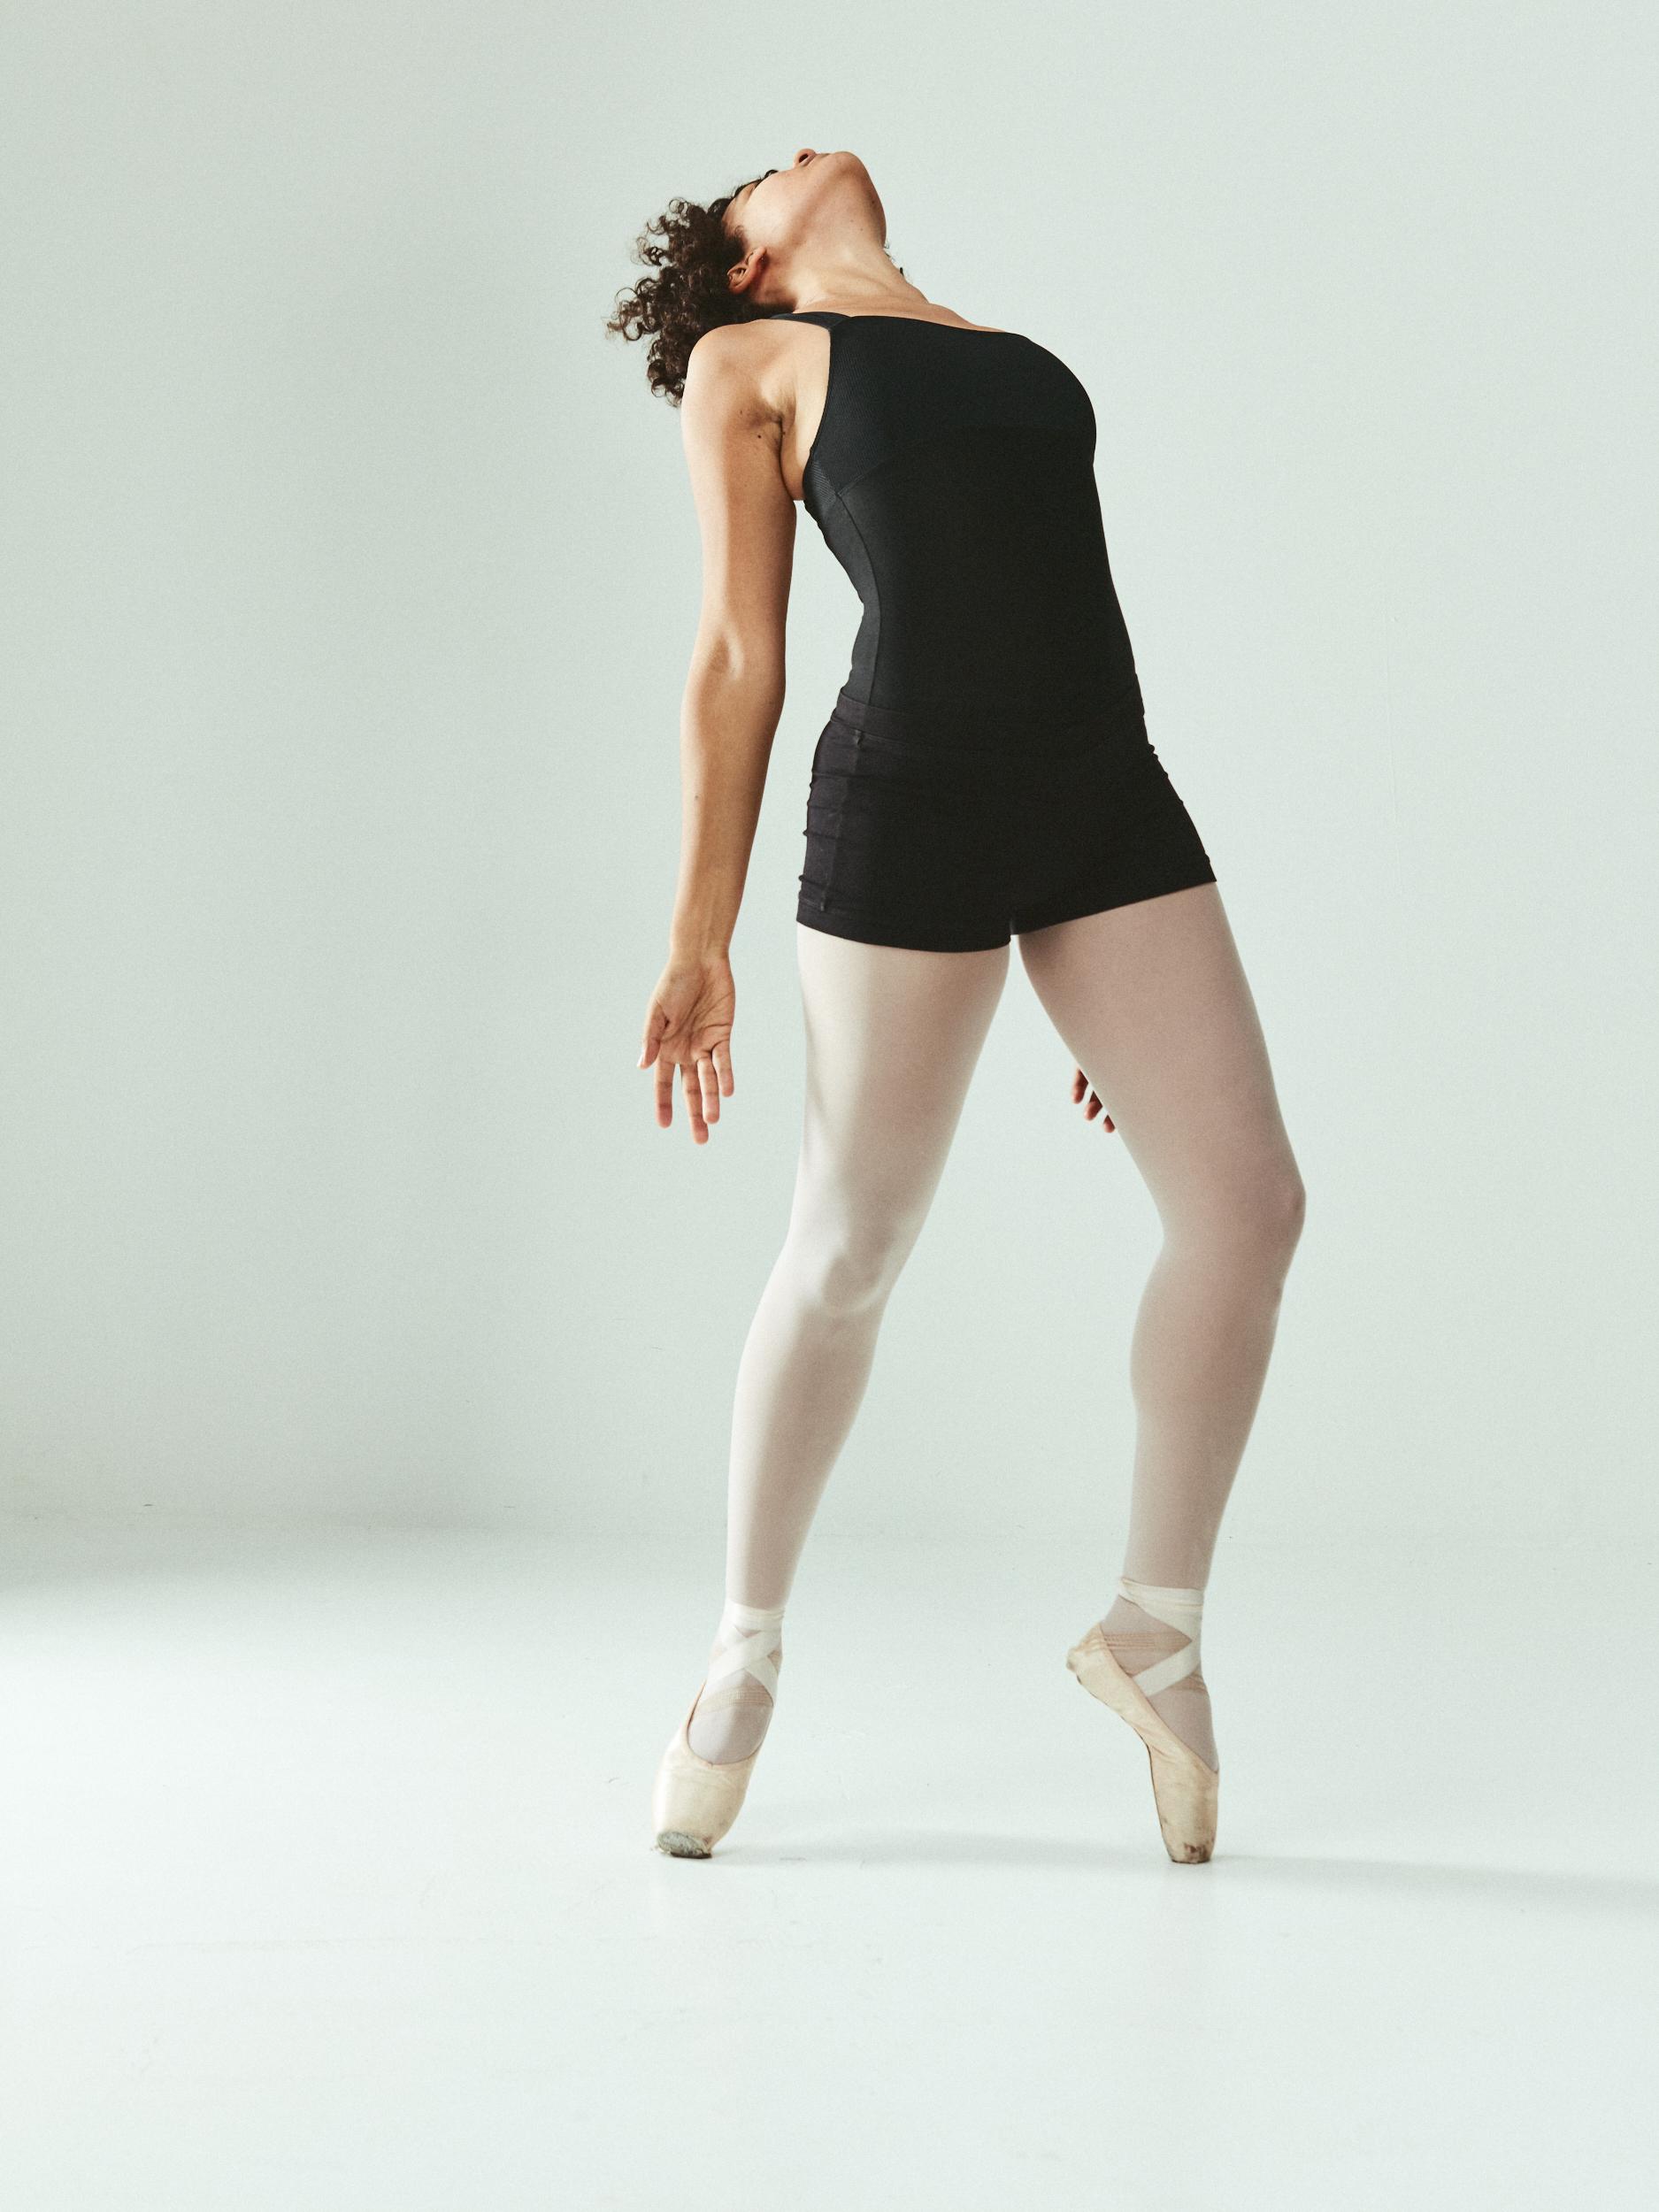 JLP_dancers_0004.jpg